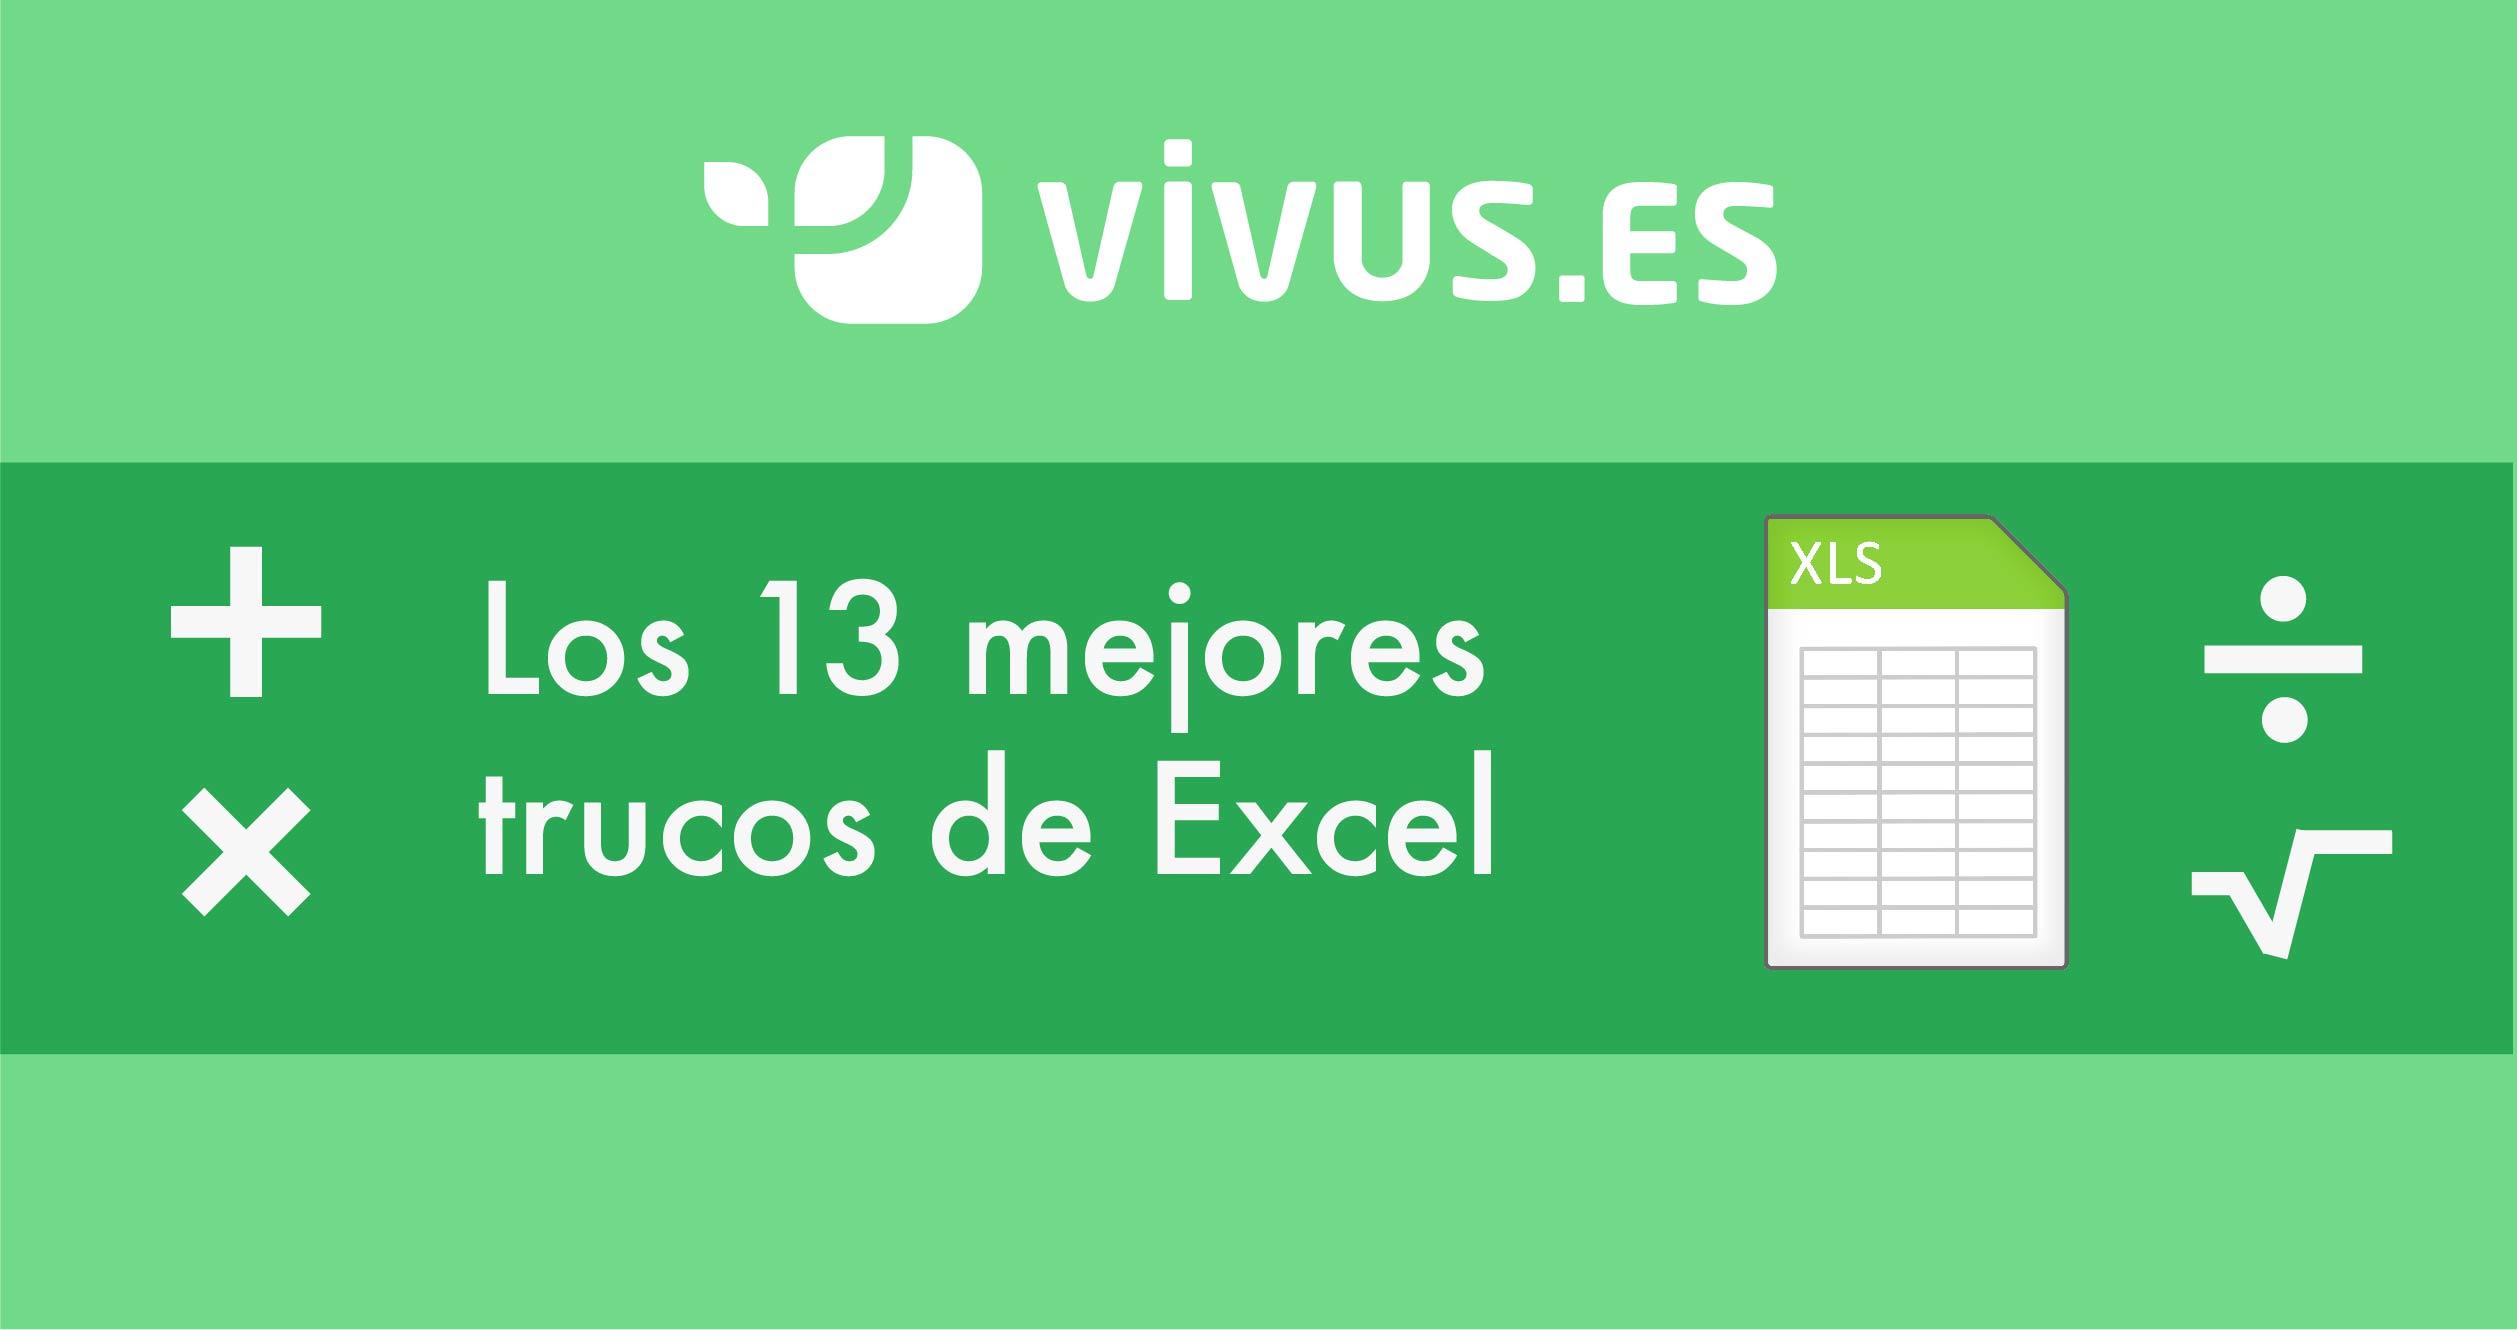 Estos son los 13 mejores trucos de Excel | Vivus.es